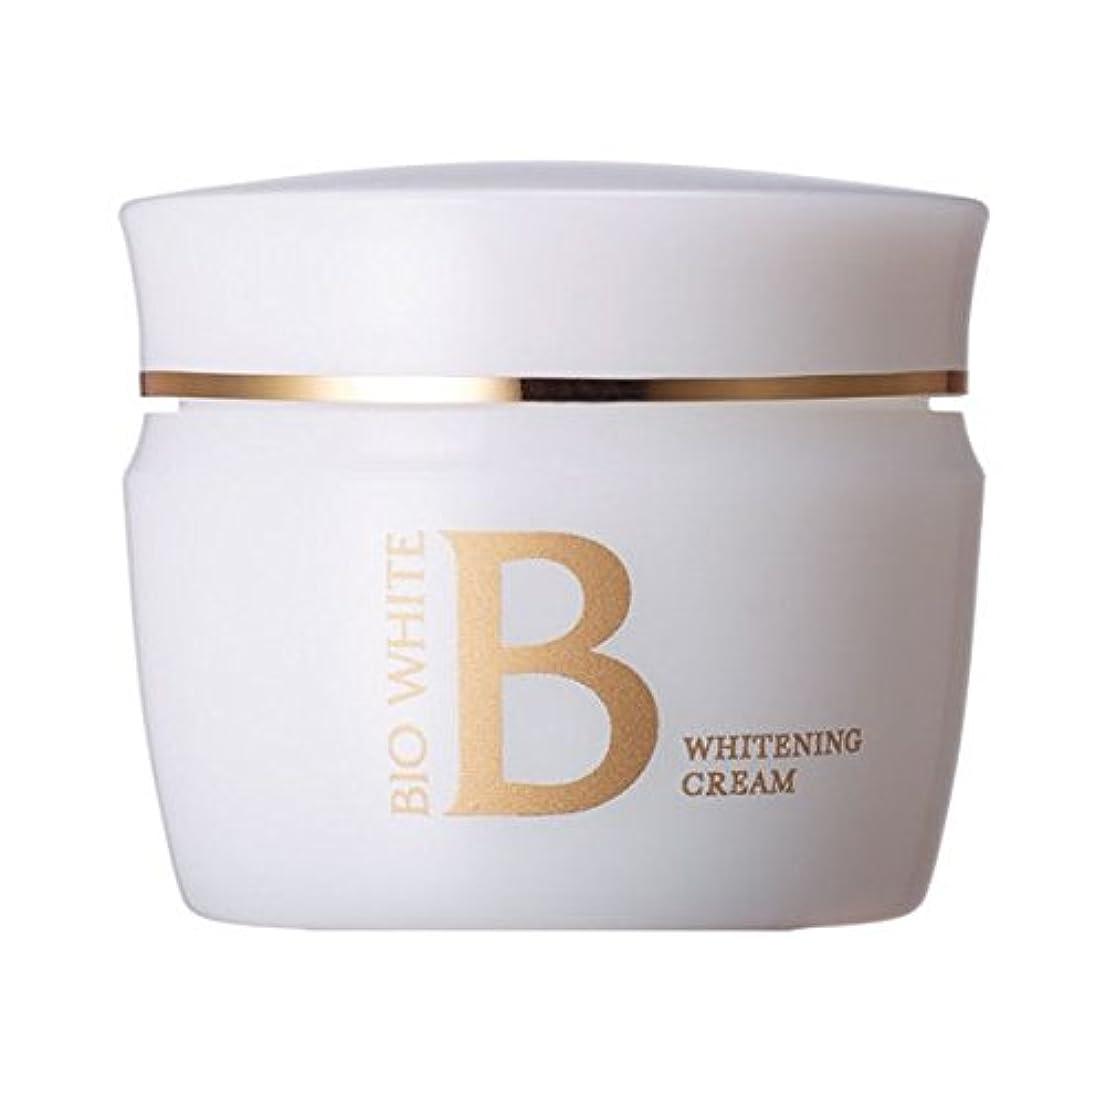 マンハッタン経験容疑者エビス化粧品(EBiS) ビーホワイトクリーム40g トラネキサム酸配合 美白クリーム フェイスクリーム